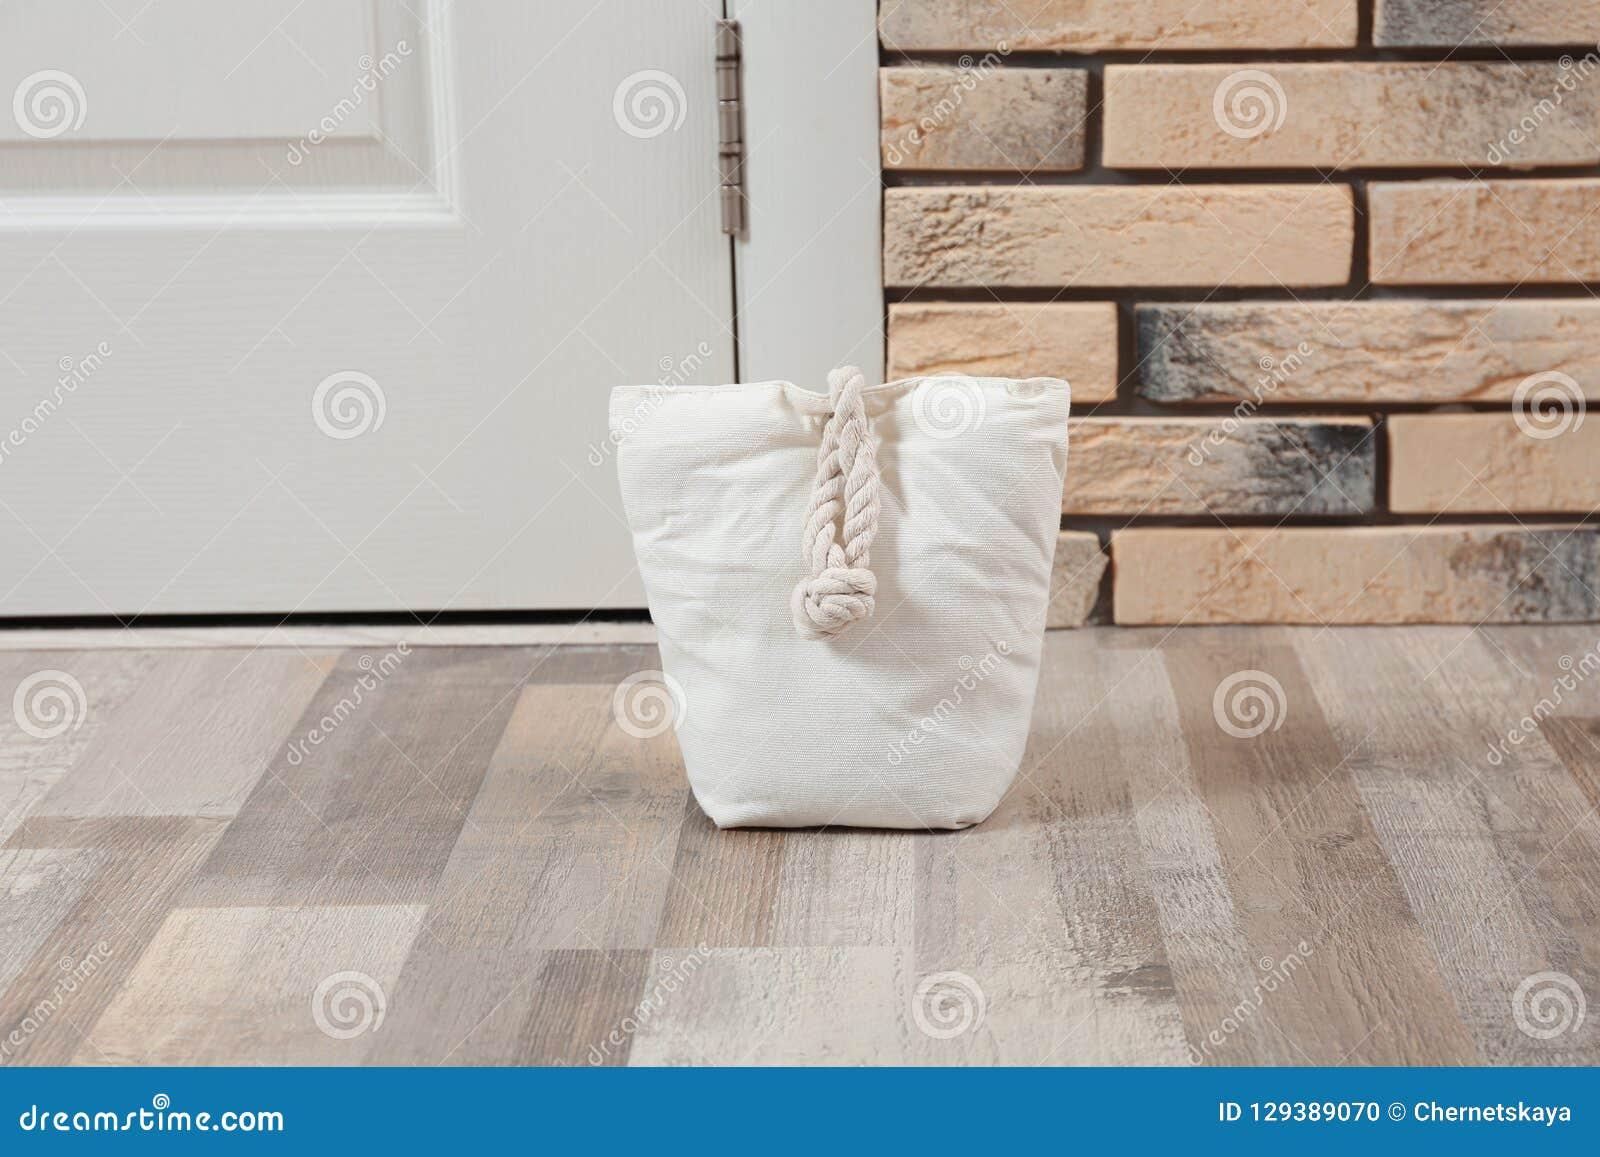 Gevulde zak dichtbij witte deur